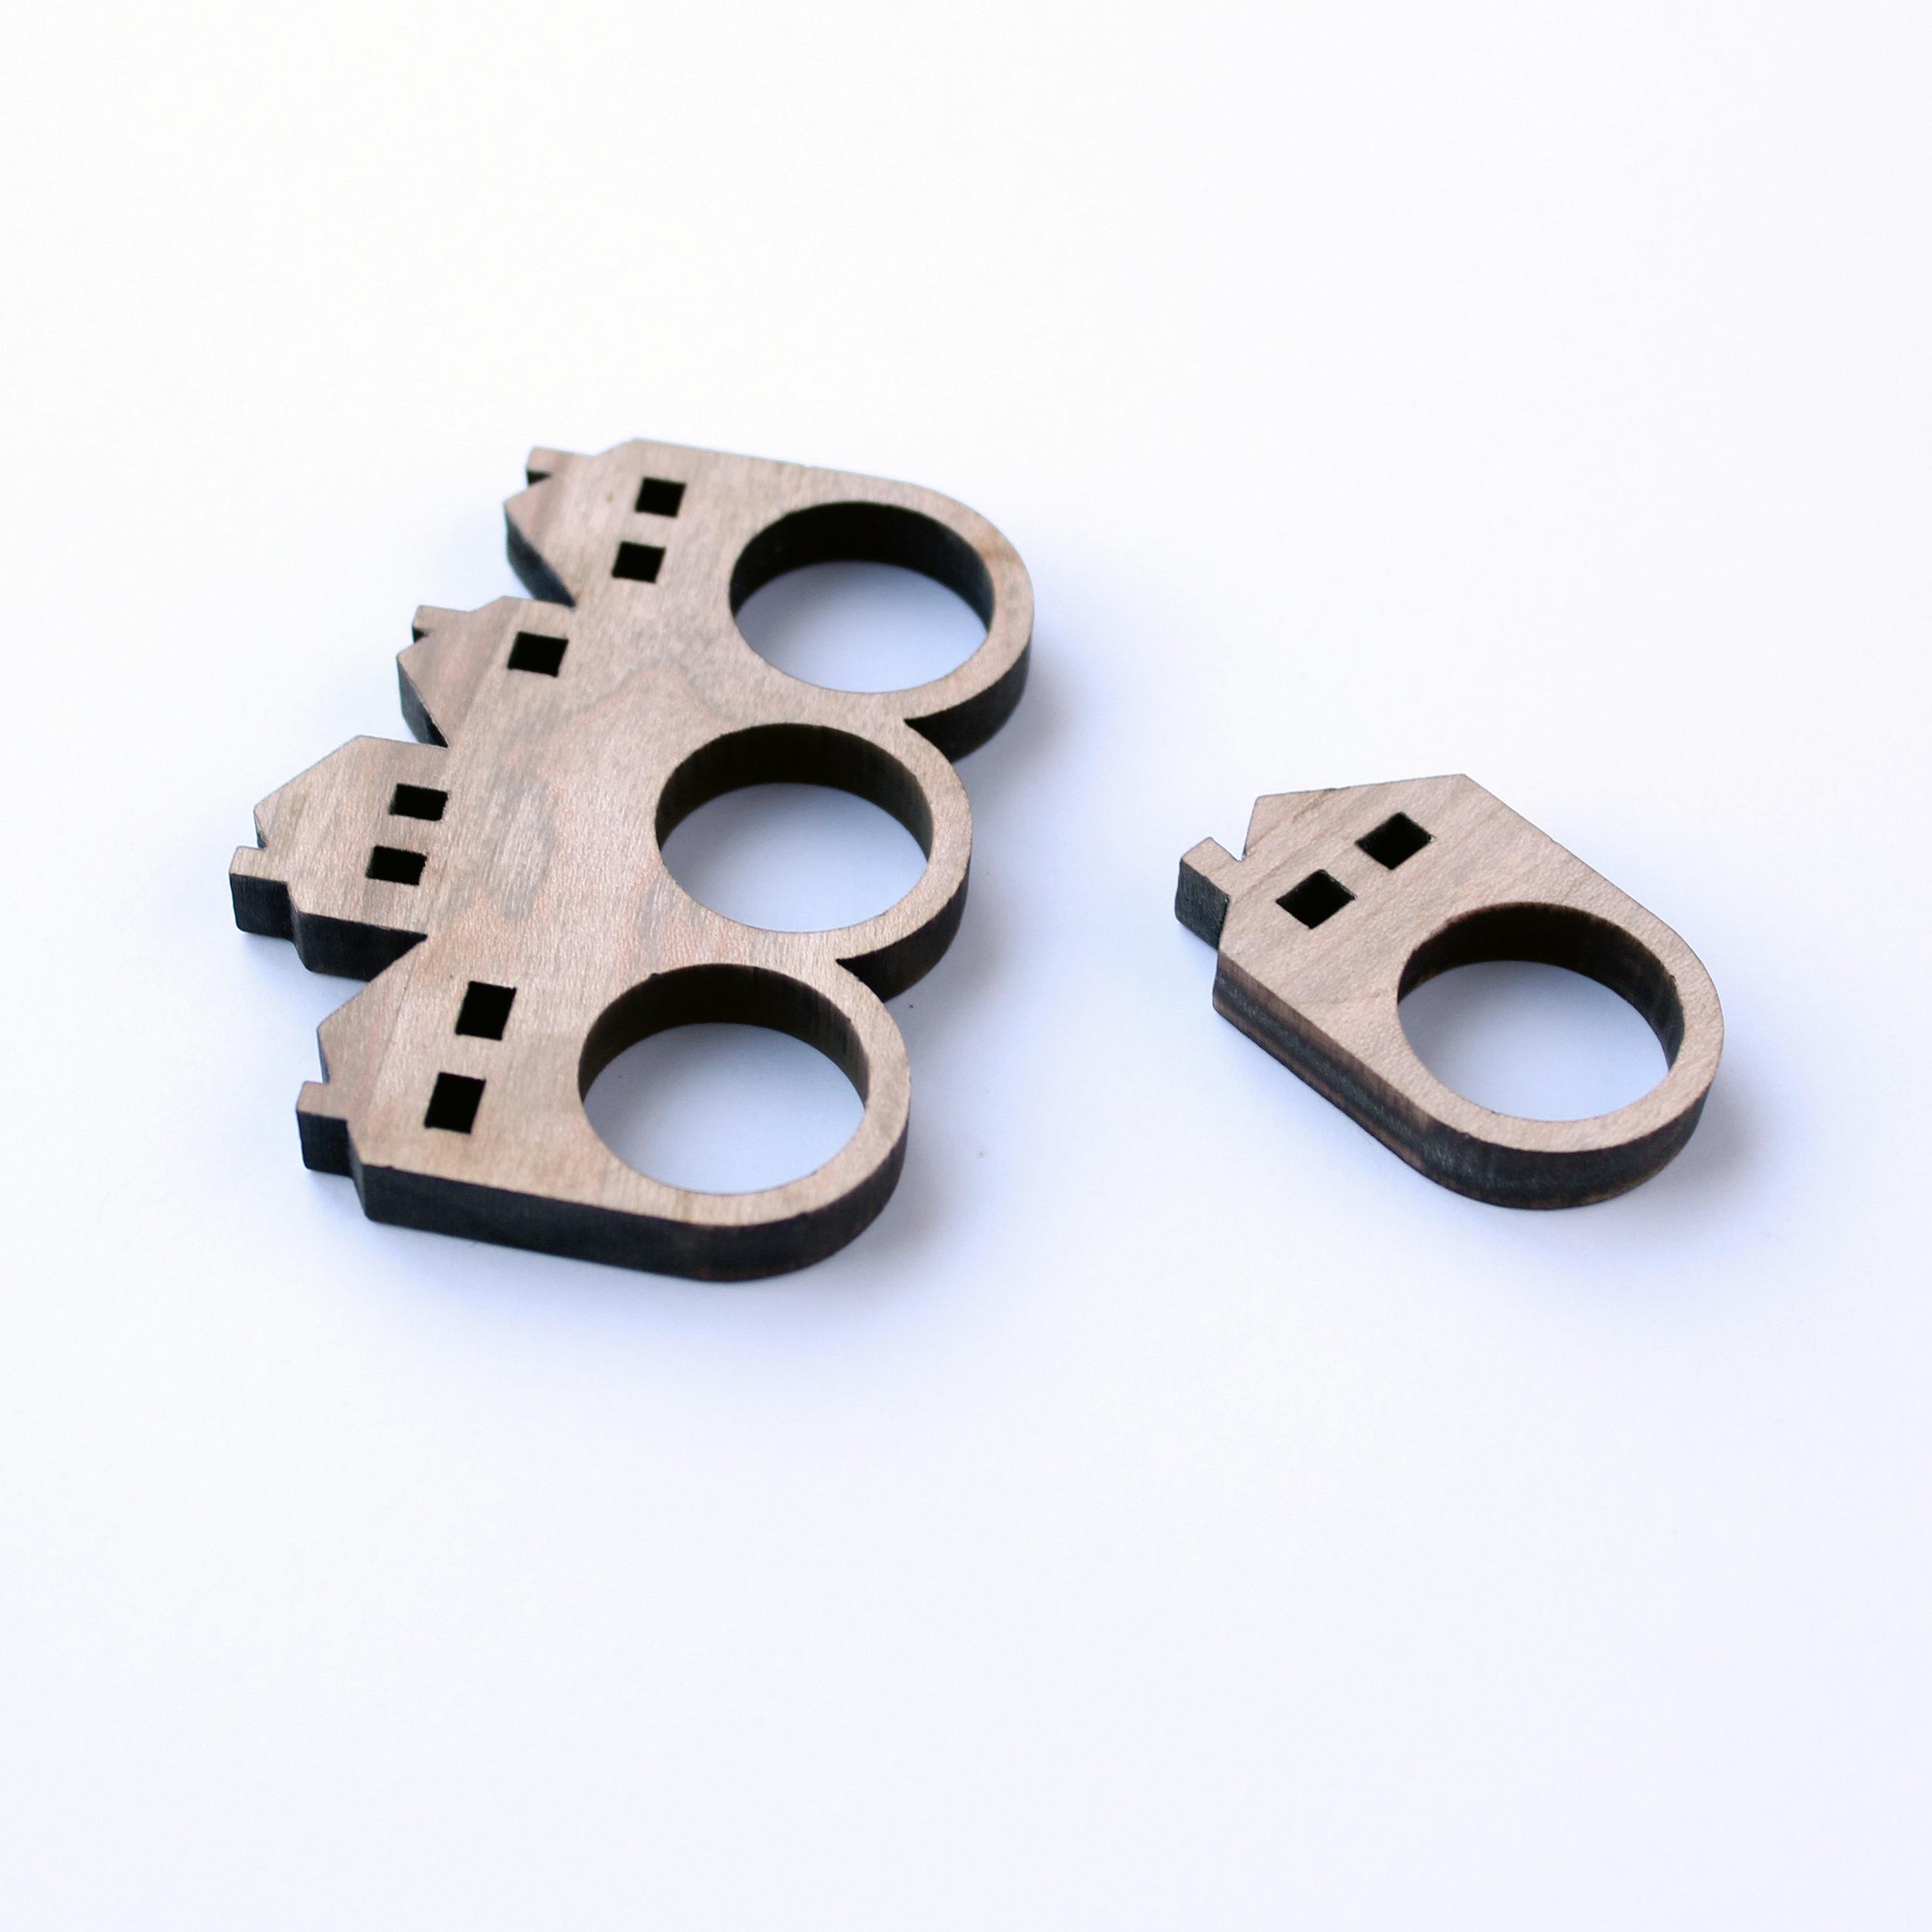 rings4.jpg